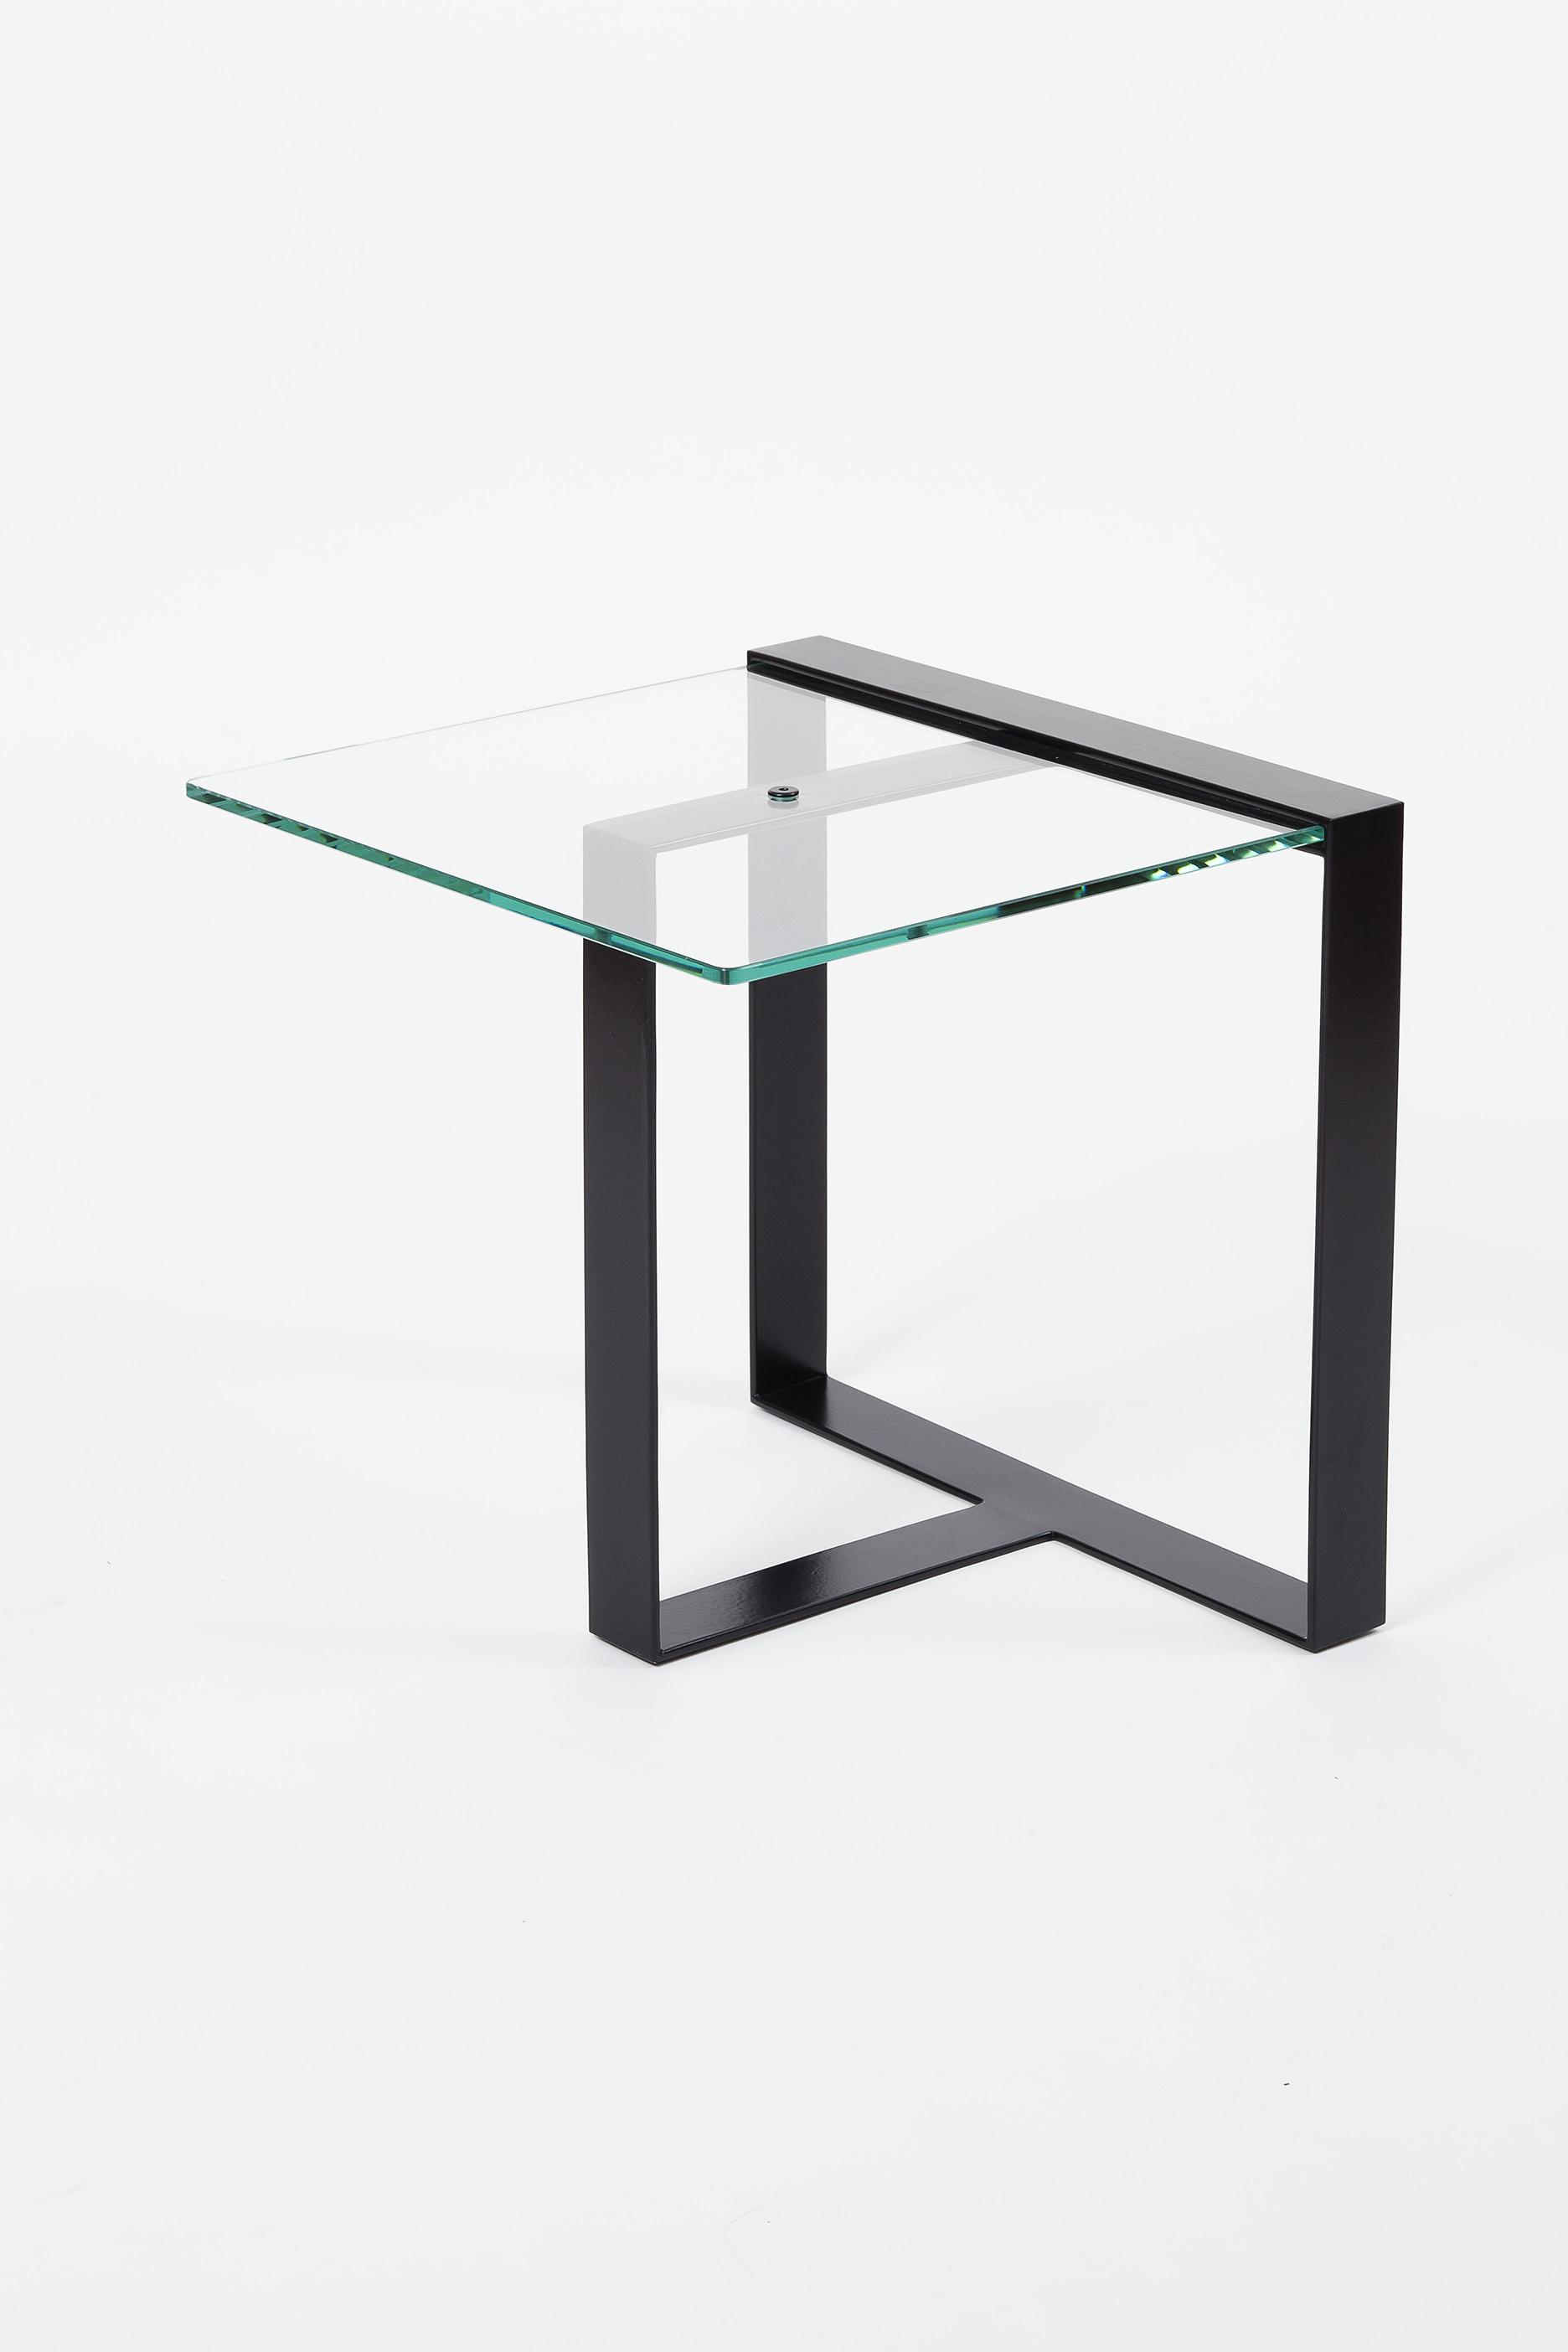 bout de canap design verre et m tal mobilier fait la main en europe